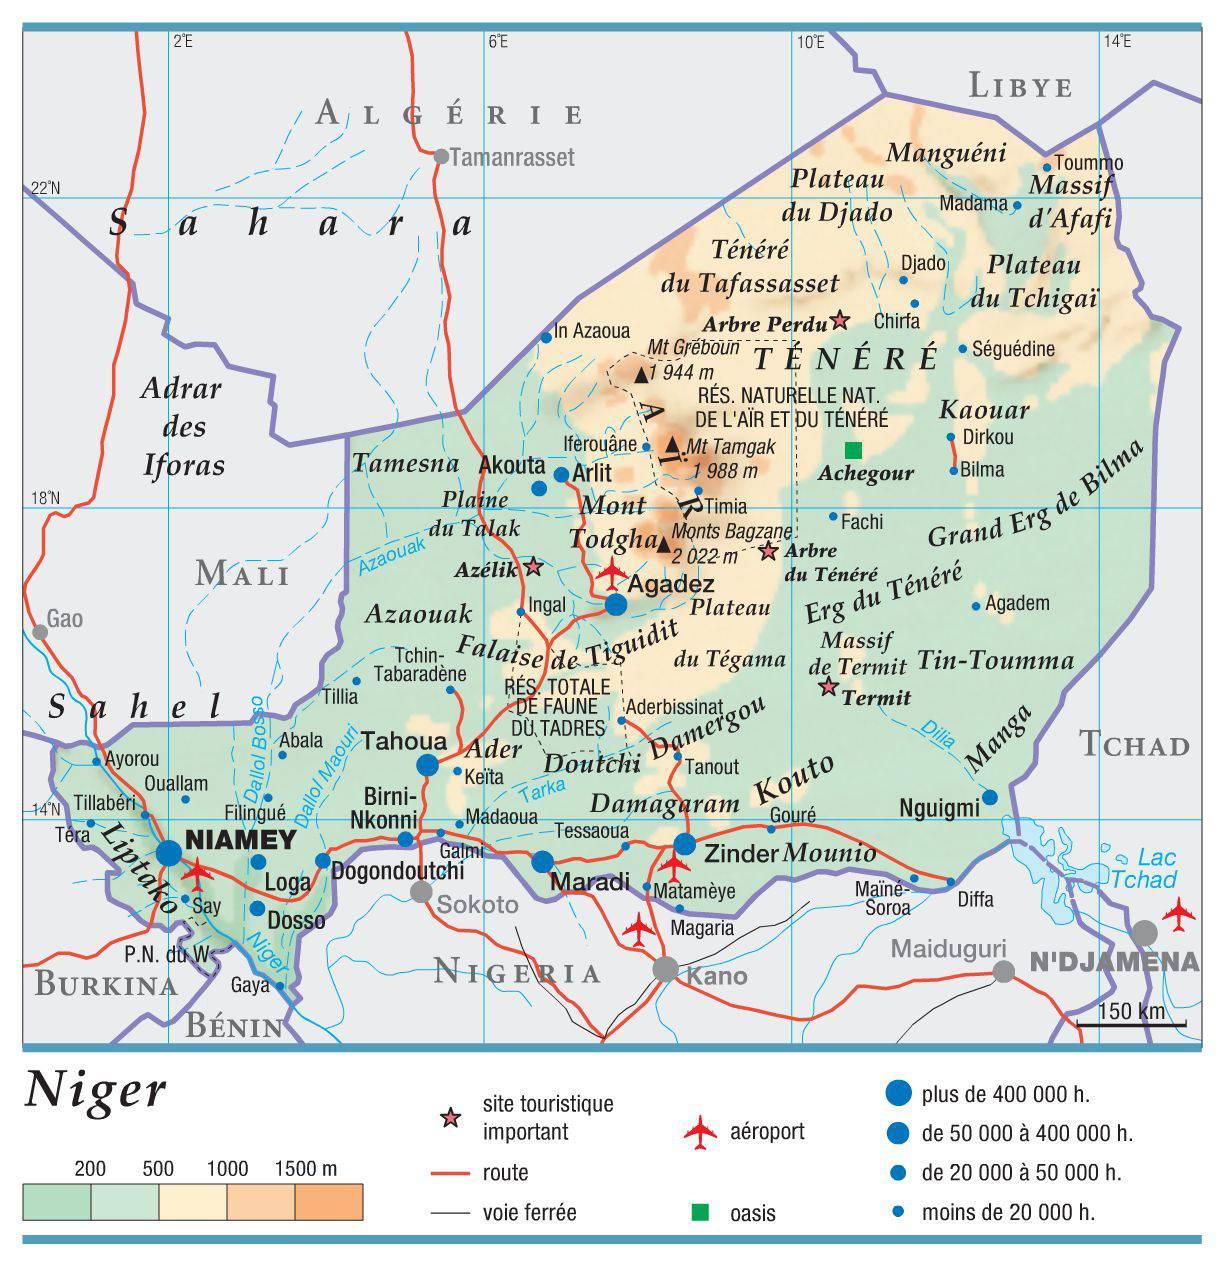 Carte Algerie Niger.Decouvrir Le Niger